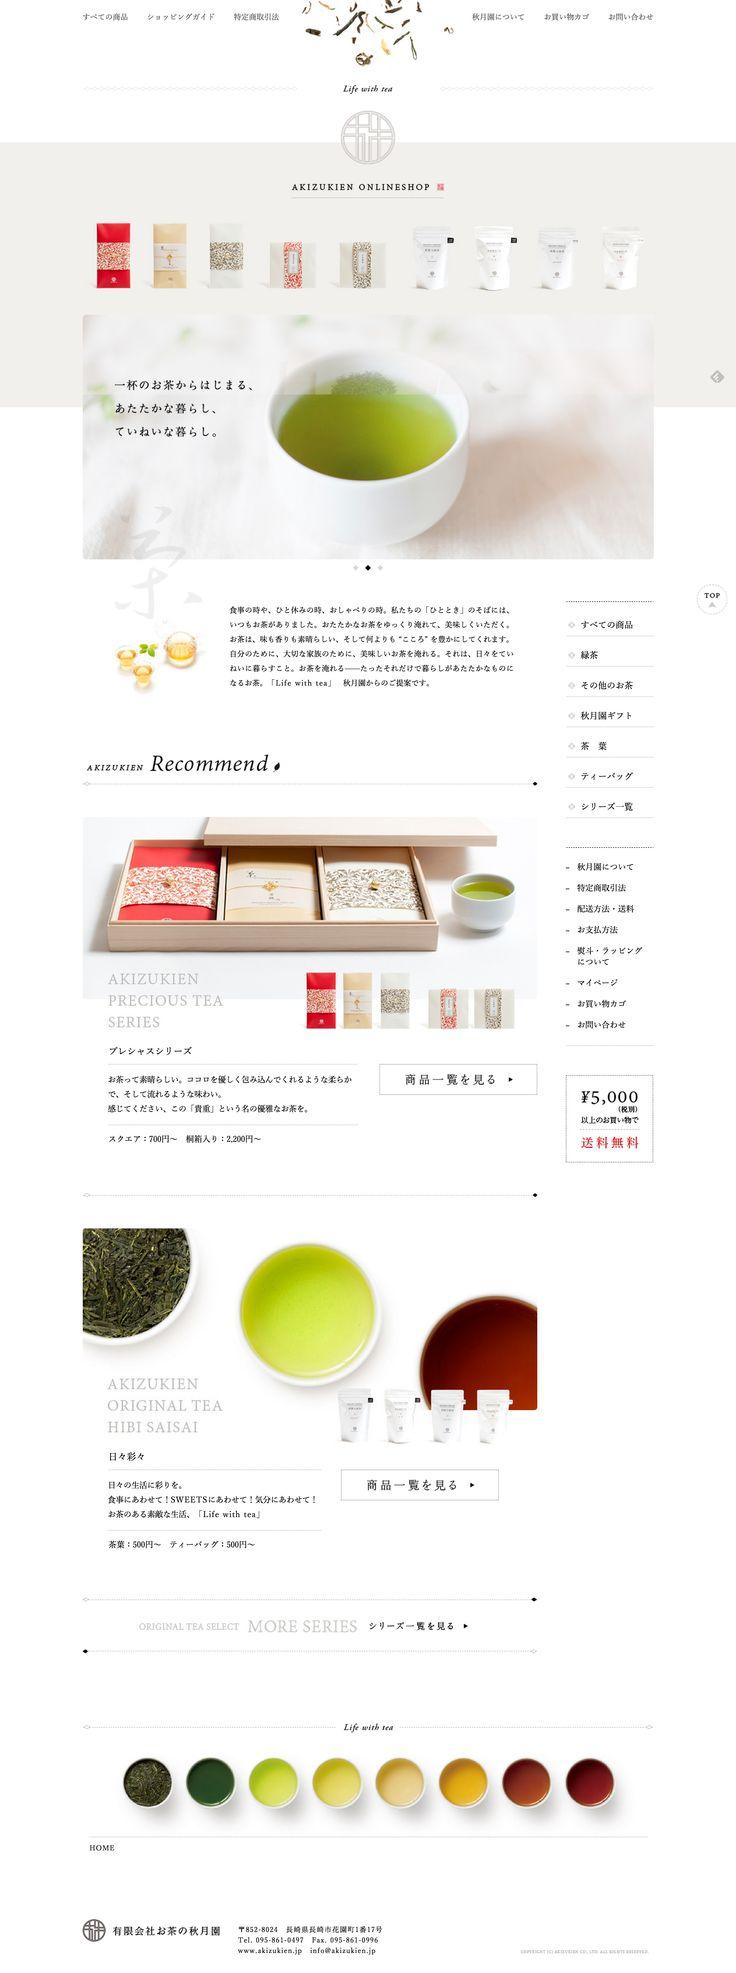 お茶の秋月園オンラインショップ|AKIZUKIEN ONLINESHOP #webdesign #tea #onlineshop